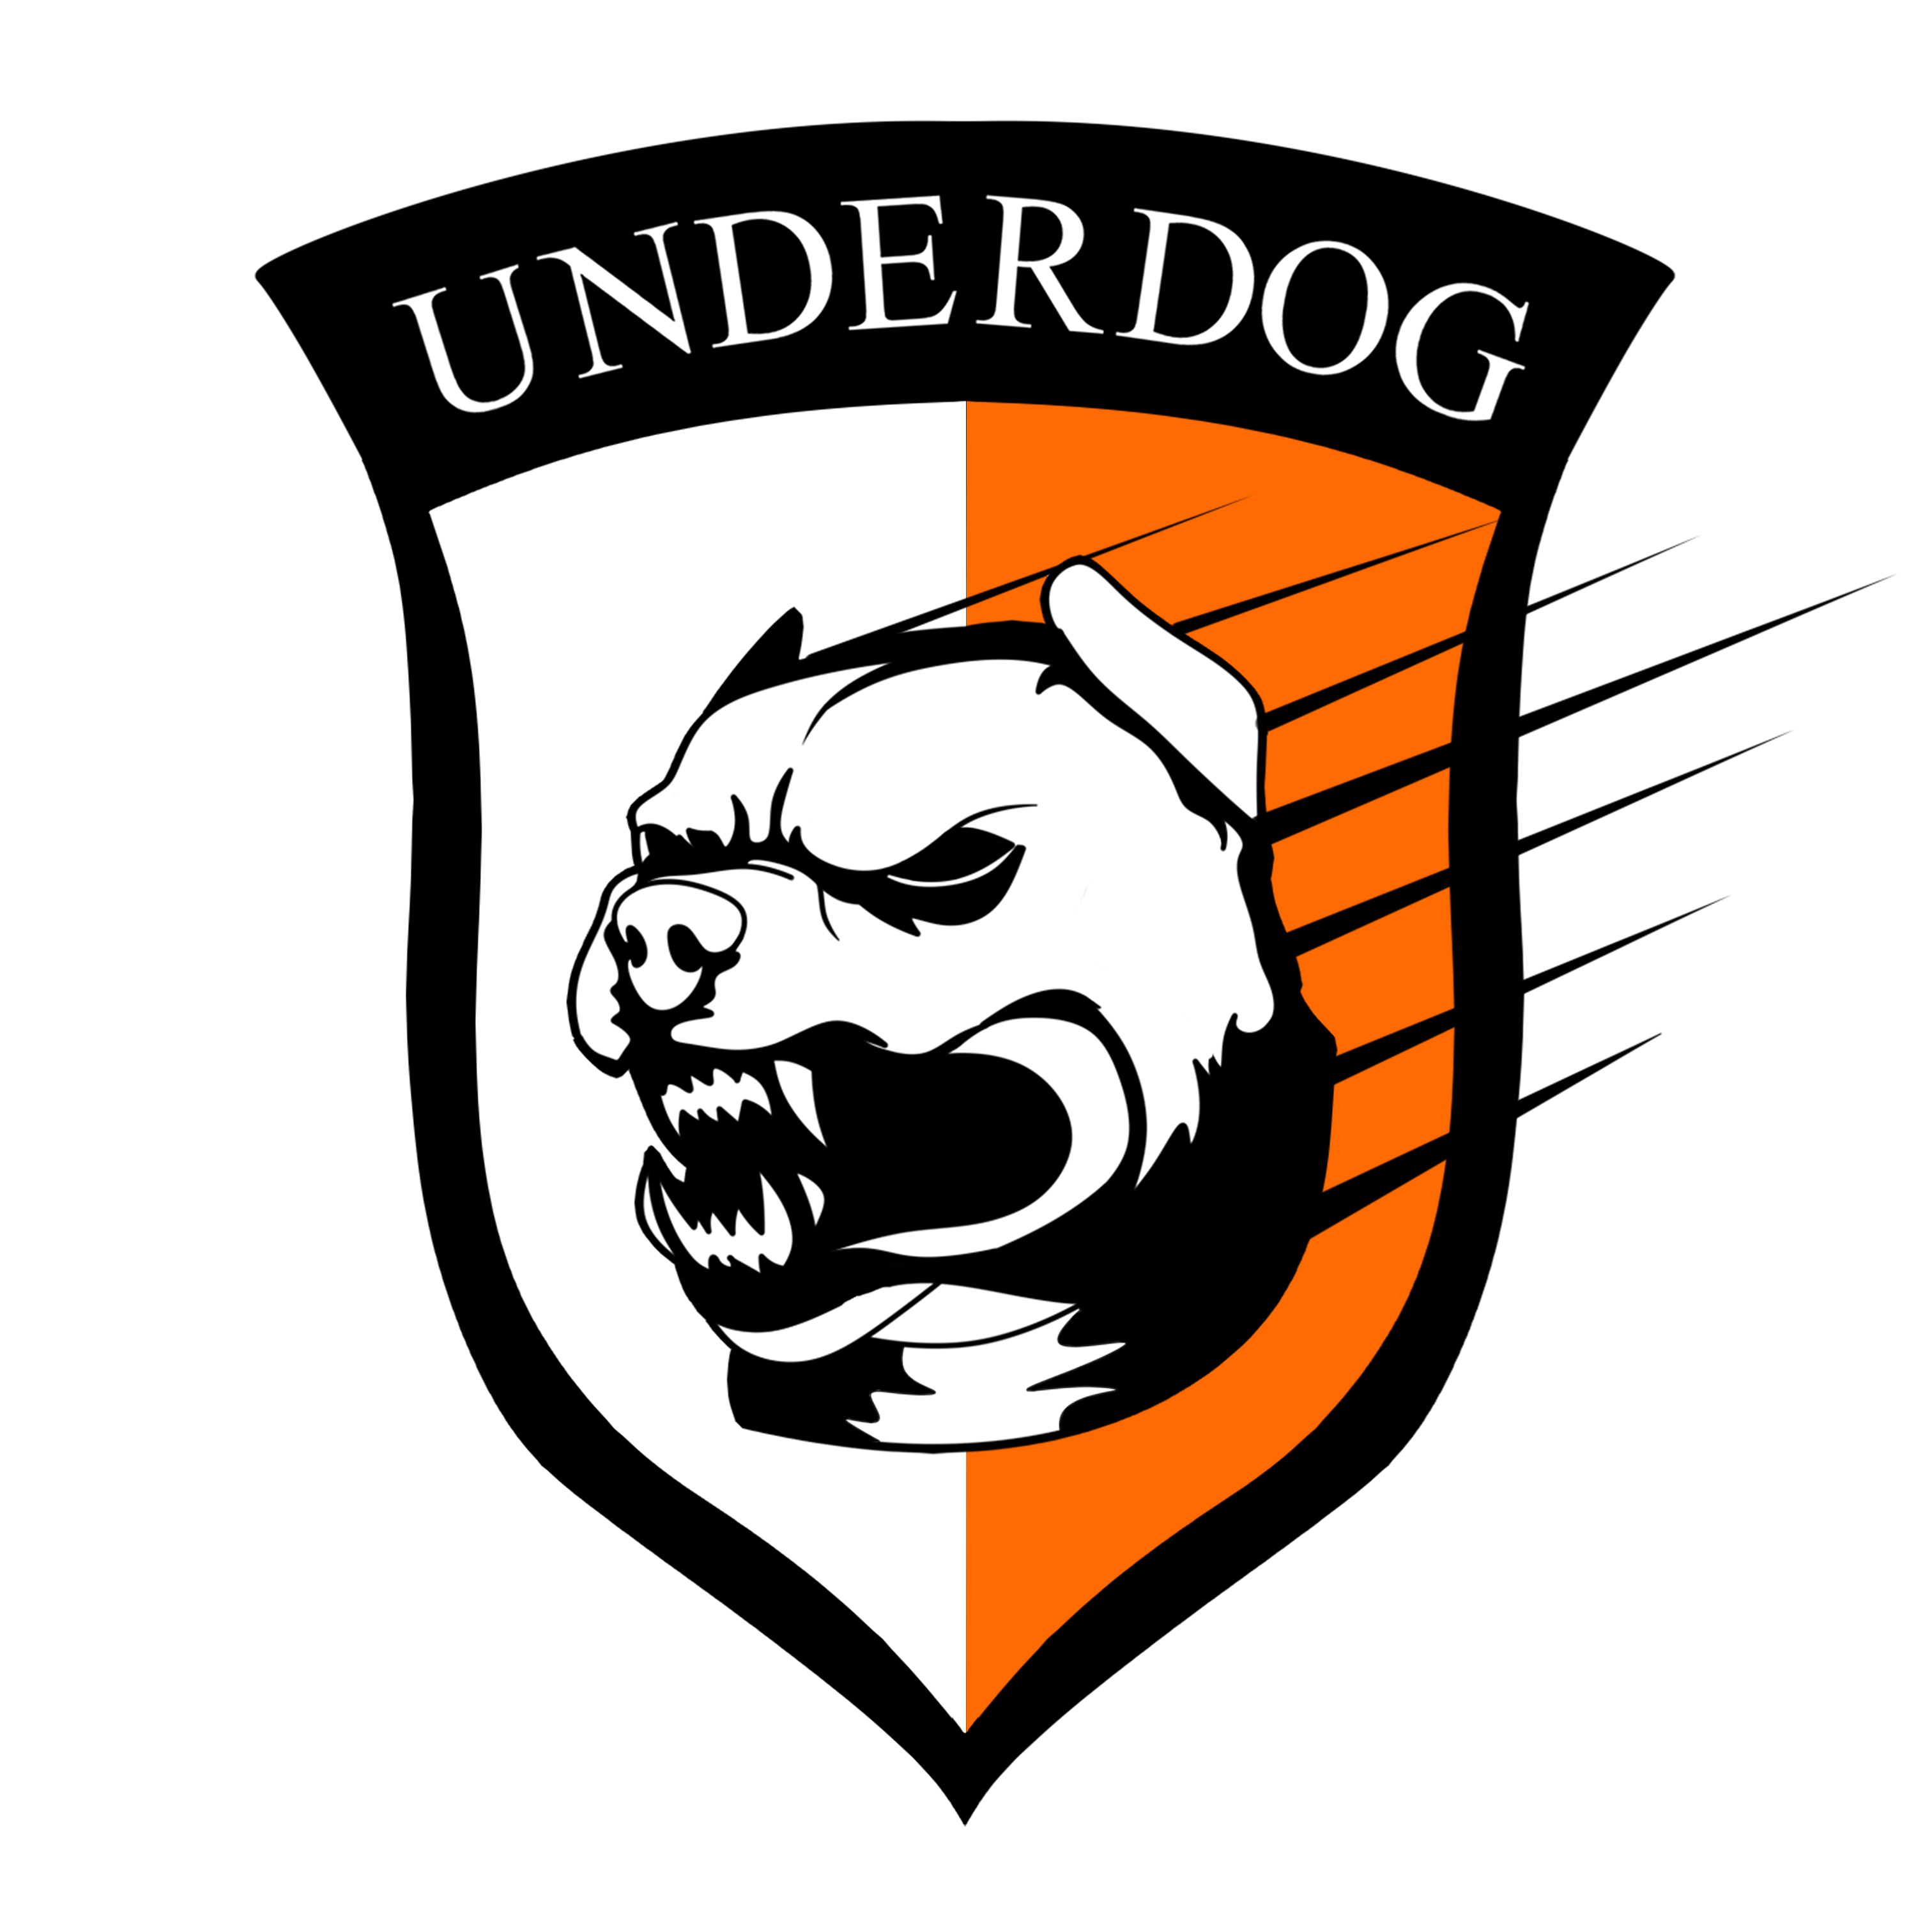 Футбольный клуб UNDERDOG - разработать фирстиль и бренд-бук фото f_8485caf0f15da14d.png